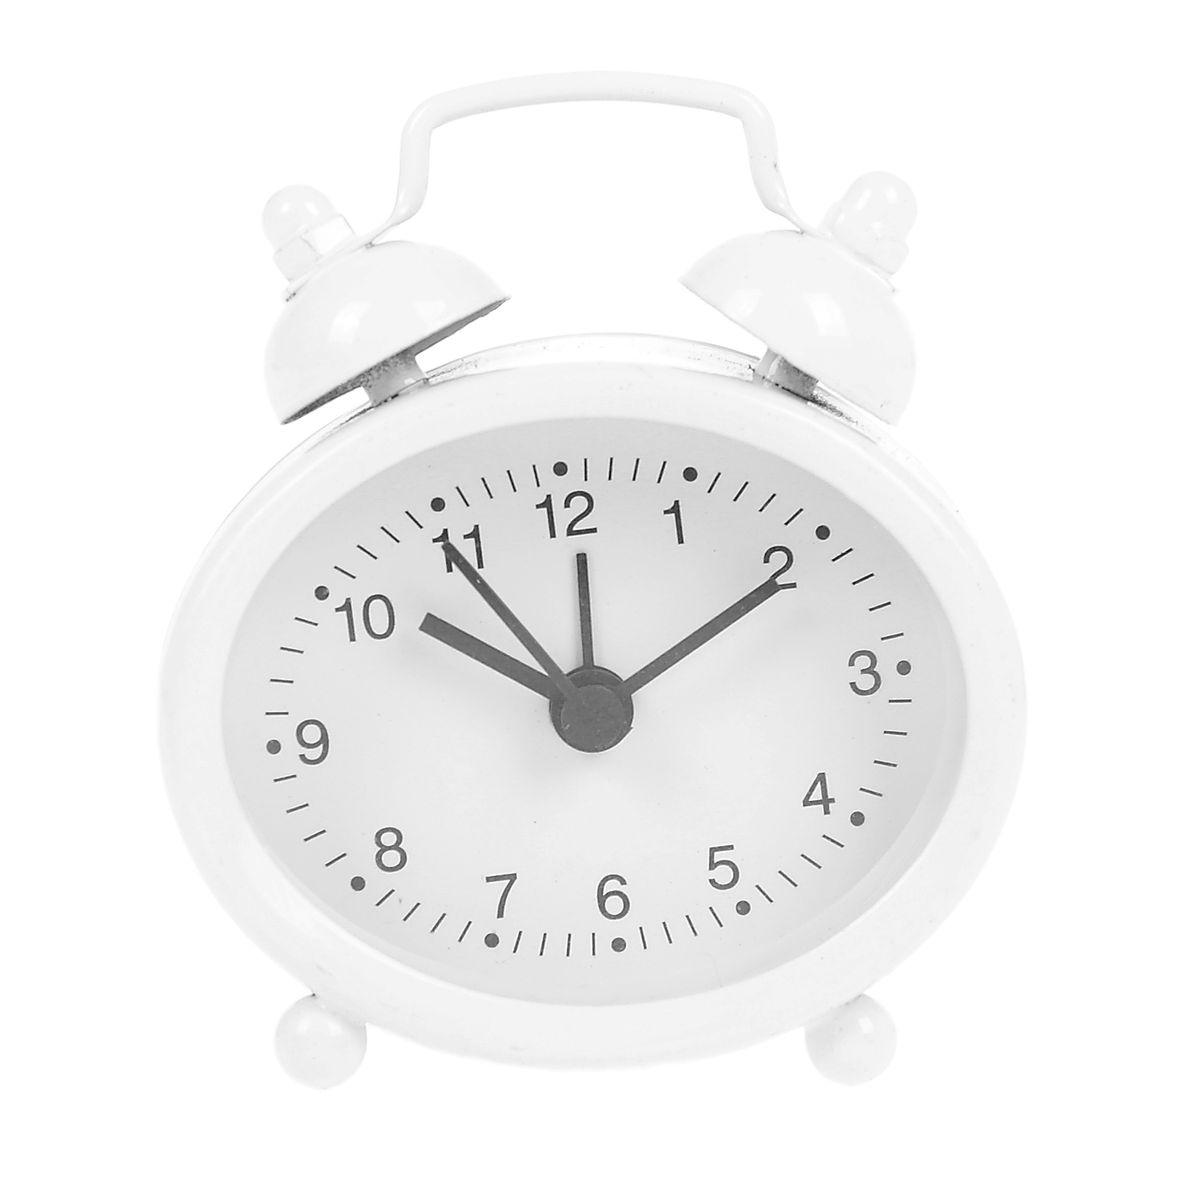 Часы-будильник Sima-land, цвет: белый. 840948840948Как же сложно иногда вставать вовремя! Всегда так хочется поспать еще хотя бы 5 минут и бывает, что мы просыпаем. Теперь этого не случится! Яркий, оригинальный будильник Sima-land поможет вам всегда вставать в нужное время и успевать везде и всюду. Будильник украсит вашу комнату и приведет в восхищение друзей. Эта уменьшенная версия привычного будильника умещается на ладони и работает так же громко, как и привычные аналоги. Время показывает точно и будит в установленный час. На задней панели будильника расположены переключатель включения/выключения механизма, а также два колесика для настройки текущего времени и времени звонка будильника. Будильник работает от 1 батарейки типа LR44 (входит в комплект).